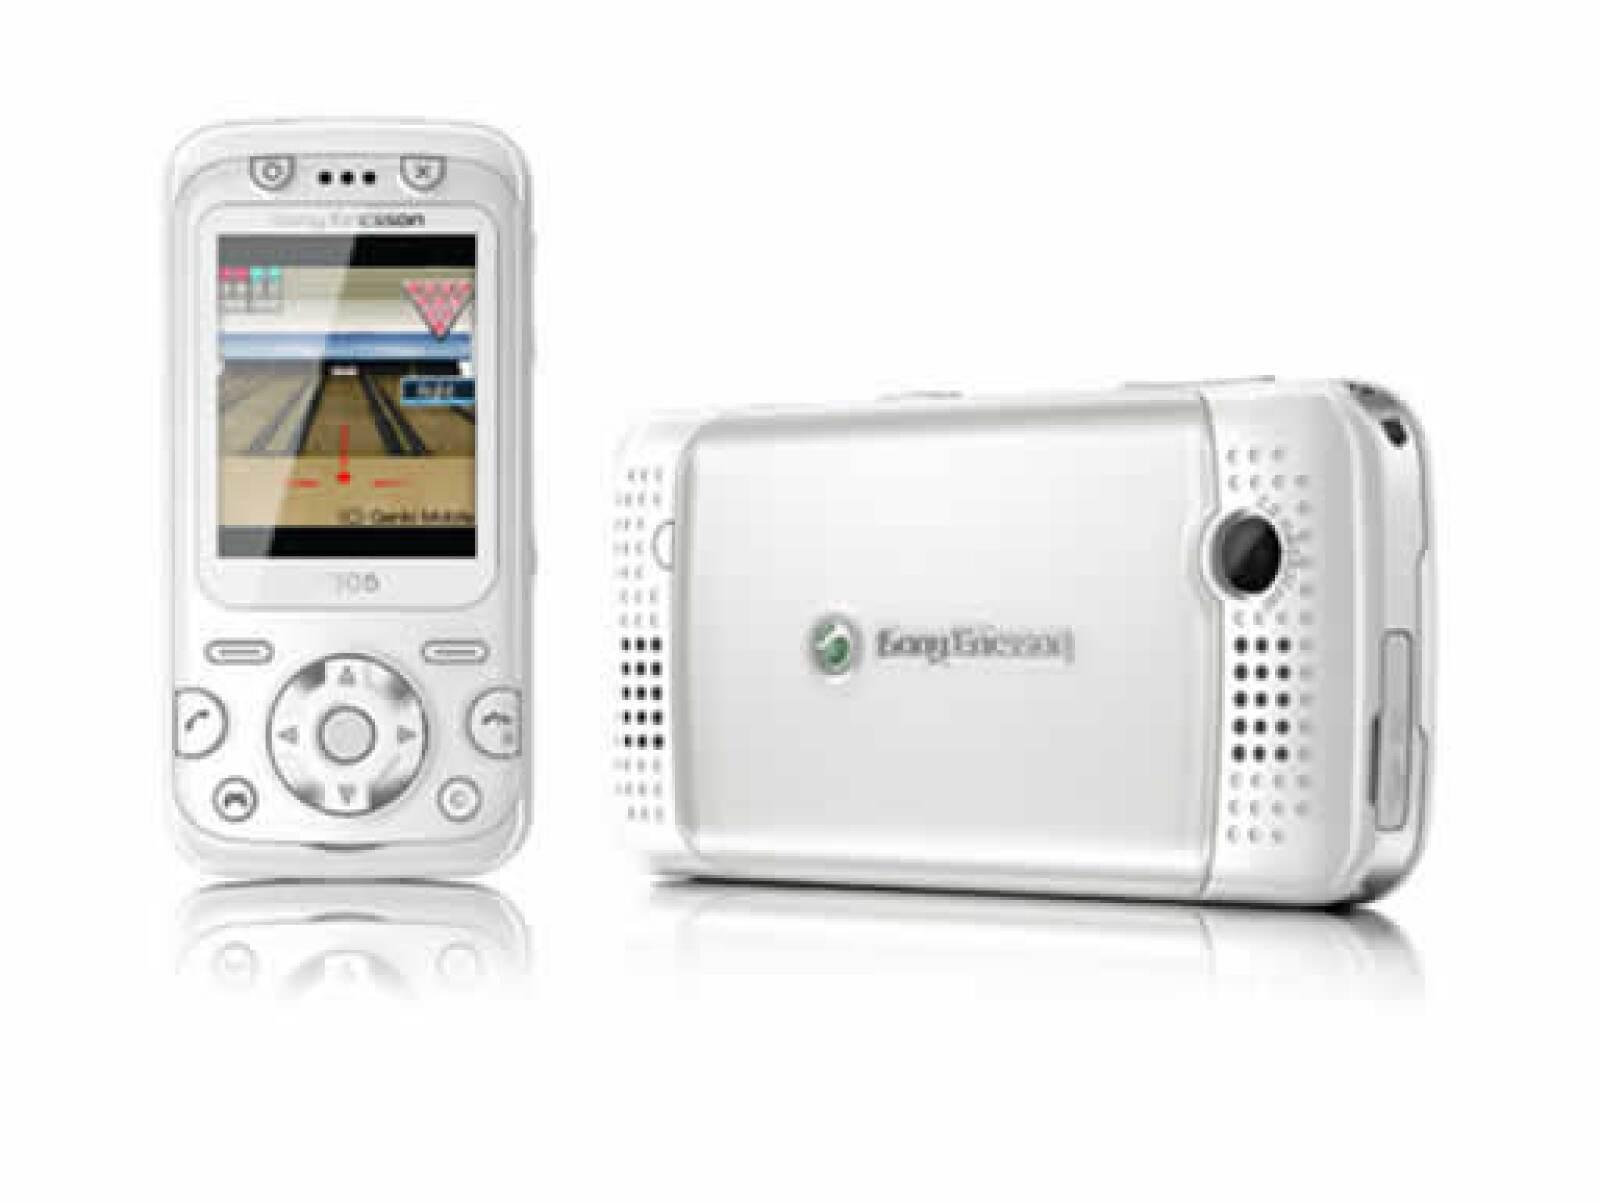 Es el modelo F305 el que incluye juegos sensibles al movimiento, incluso tiene teclas exclusivas para estas aplicaciones.